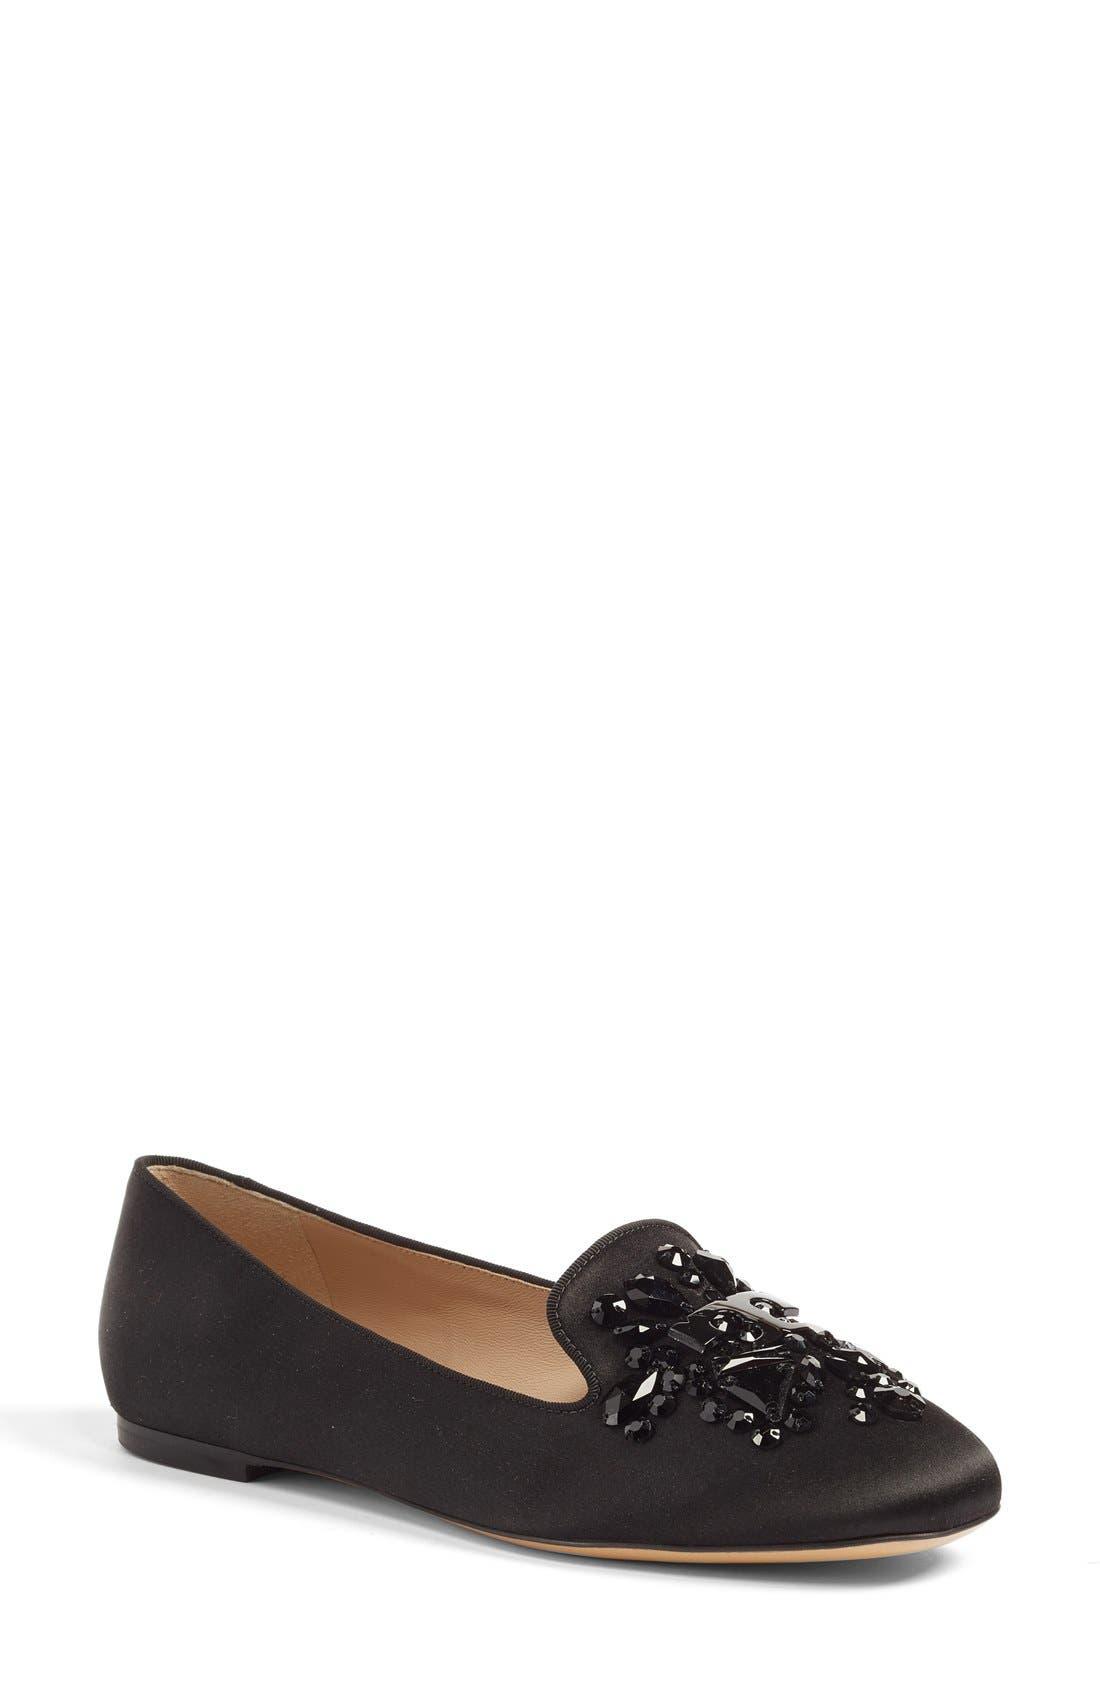 'Delphine' Embellished Loafer, Main, color, 001